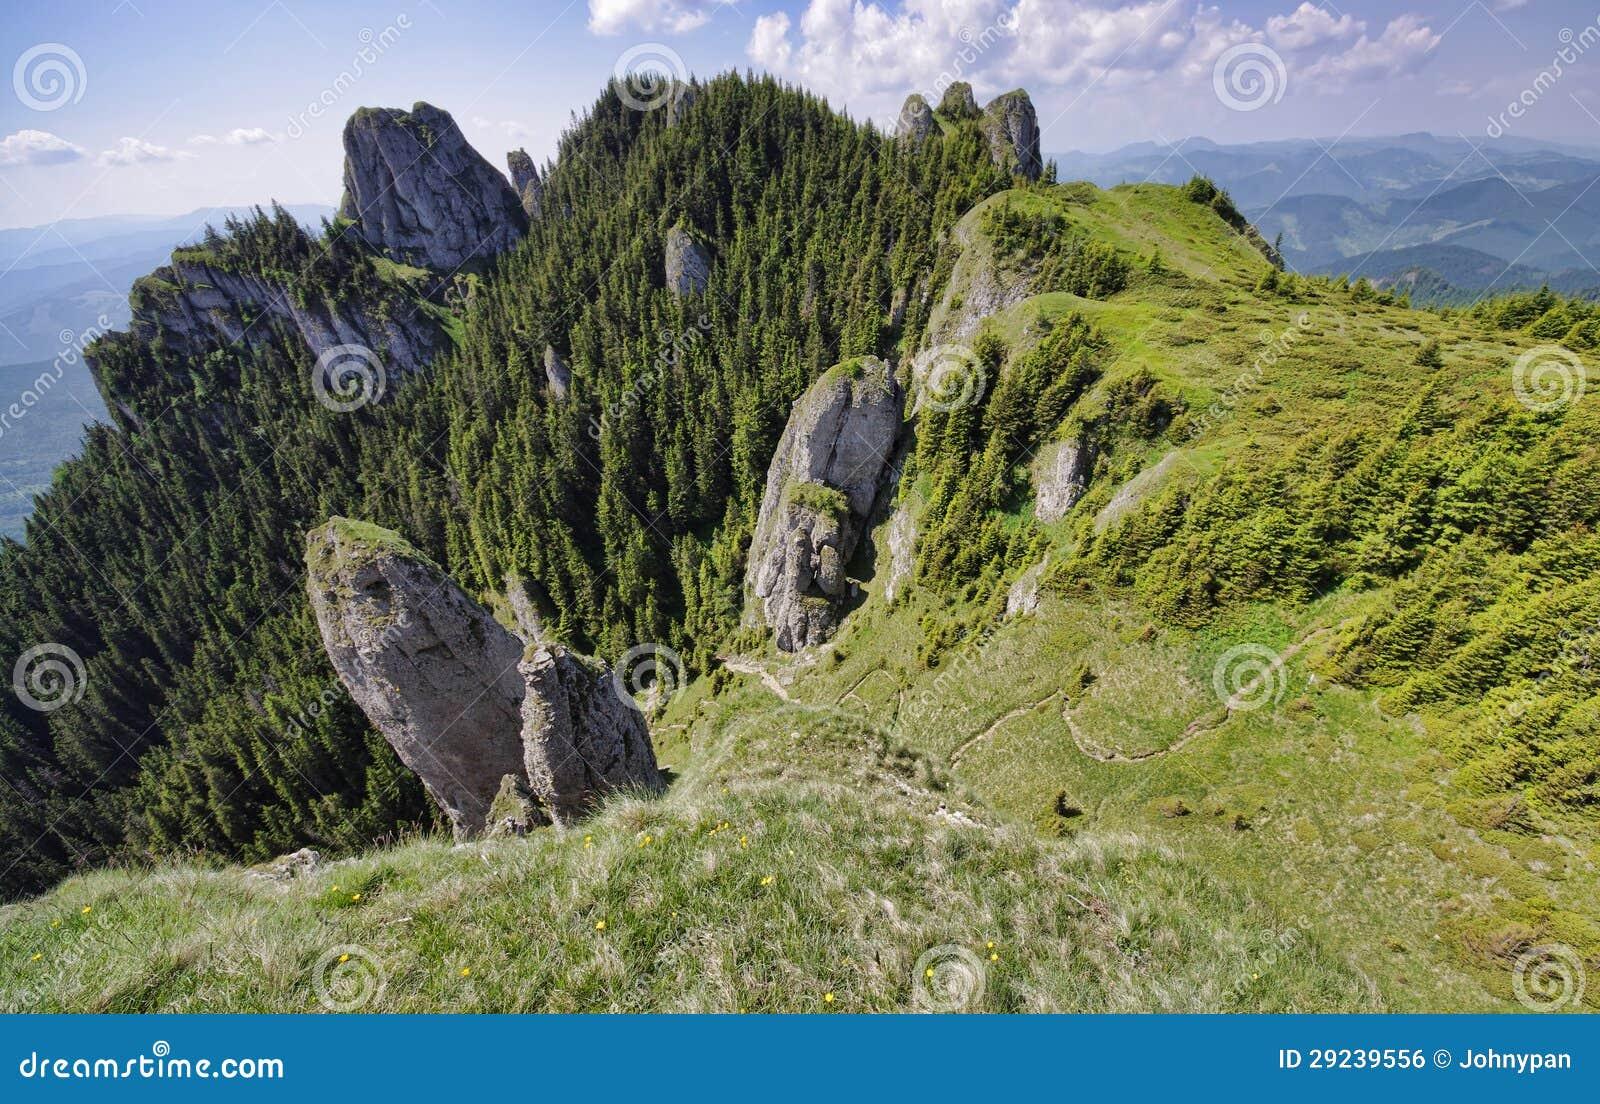 Download Mountain View de acima foto de stock. Imagem de pathway - 29239556